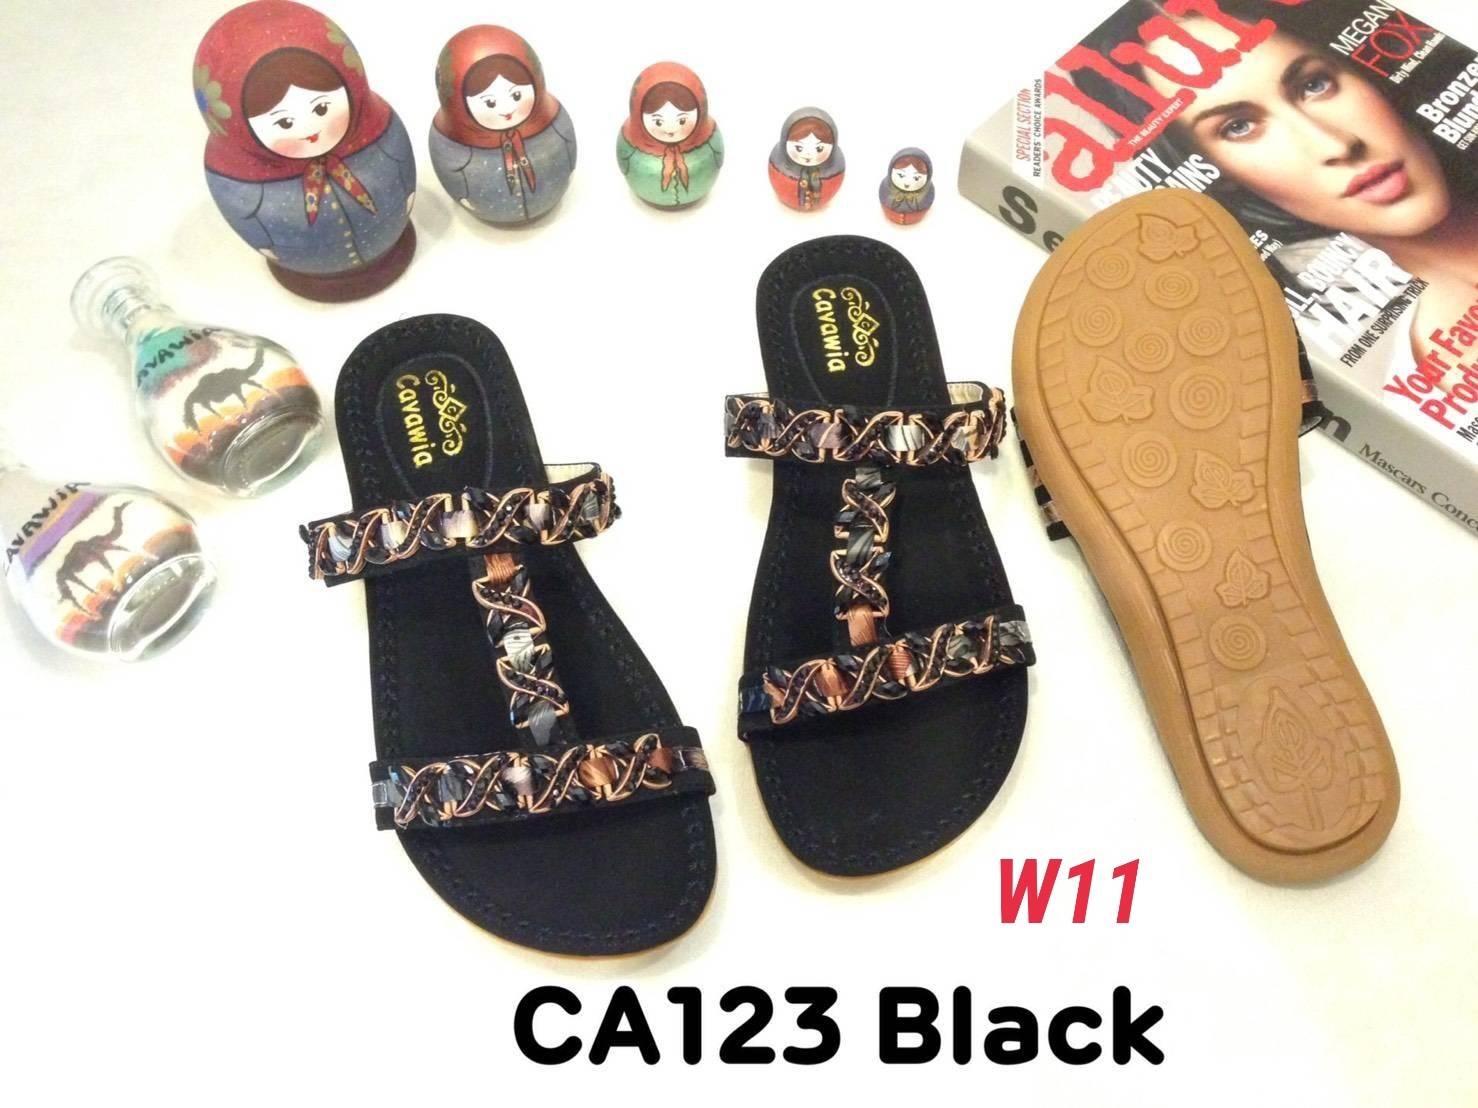 รองเท้าแตะแฟชั่น แบบสวม แต่งอะไหล่สวยหรู หนังนิ่ม พื้นนิ่ม ทรงสวย ใส่สบาย แมทสวยได้ทุกชุด (CA123)